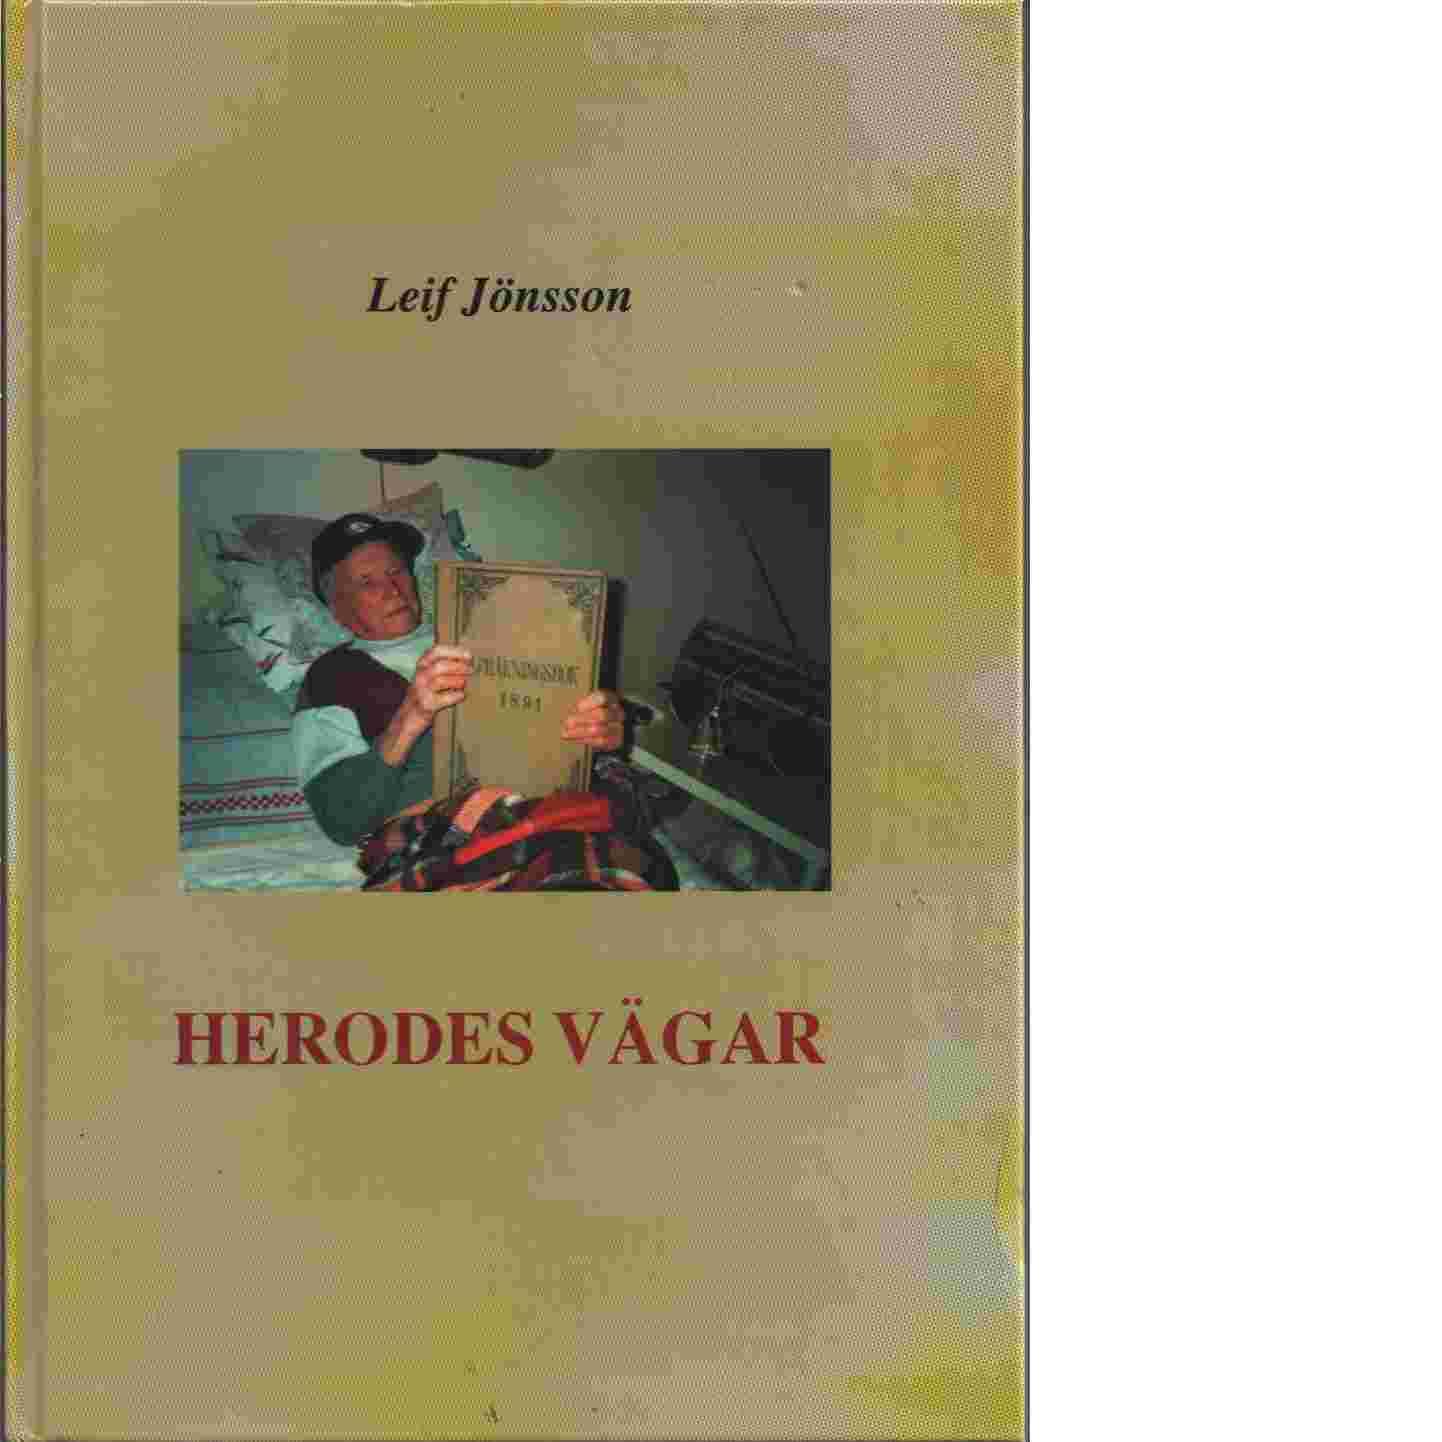 Herodes vägar : En bok om Ramsjö - Jönsson, Leif